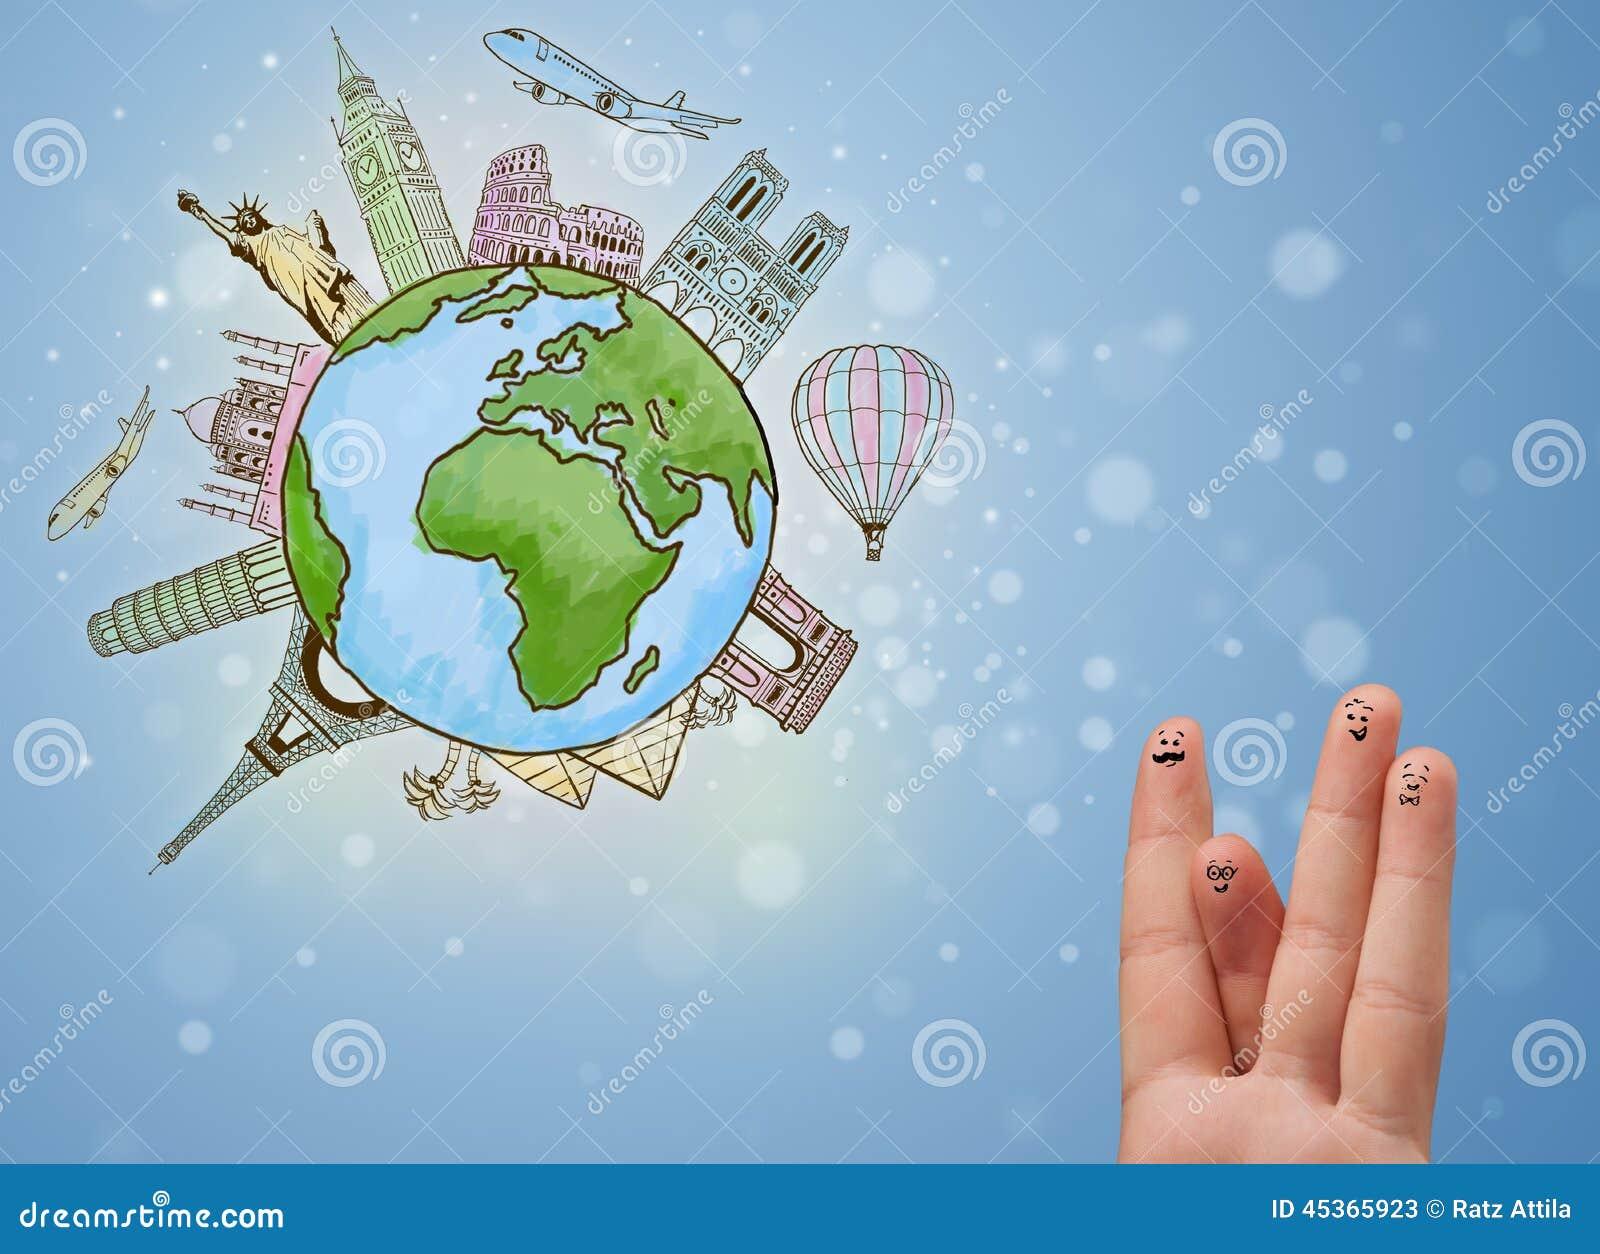 与地球的著名地标的快乐的手指面带笑容